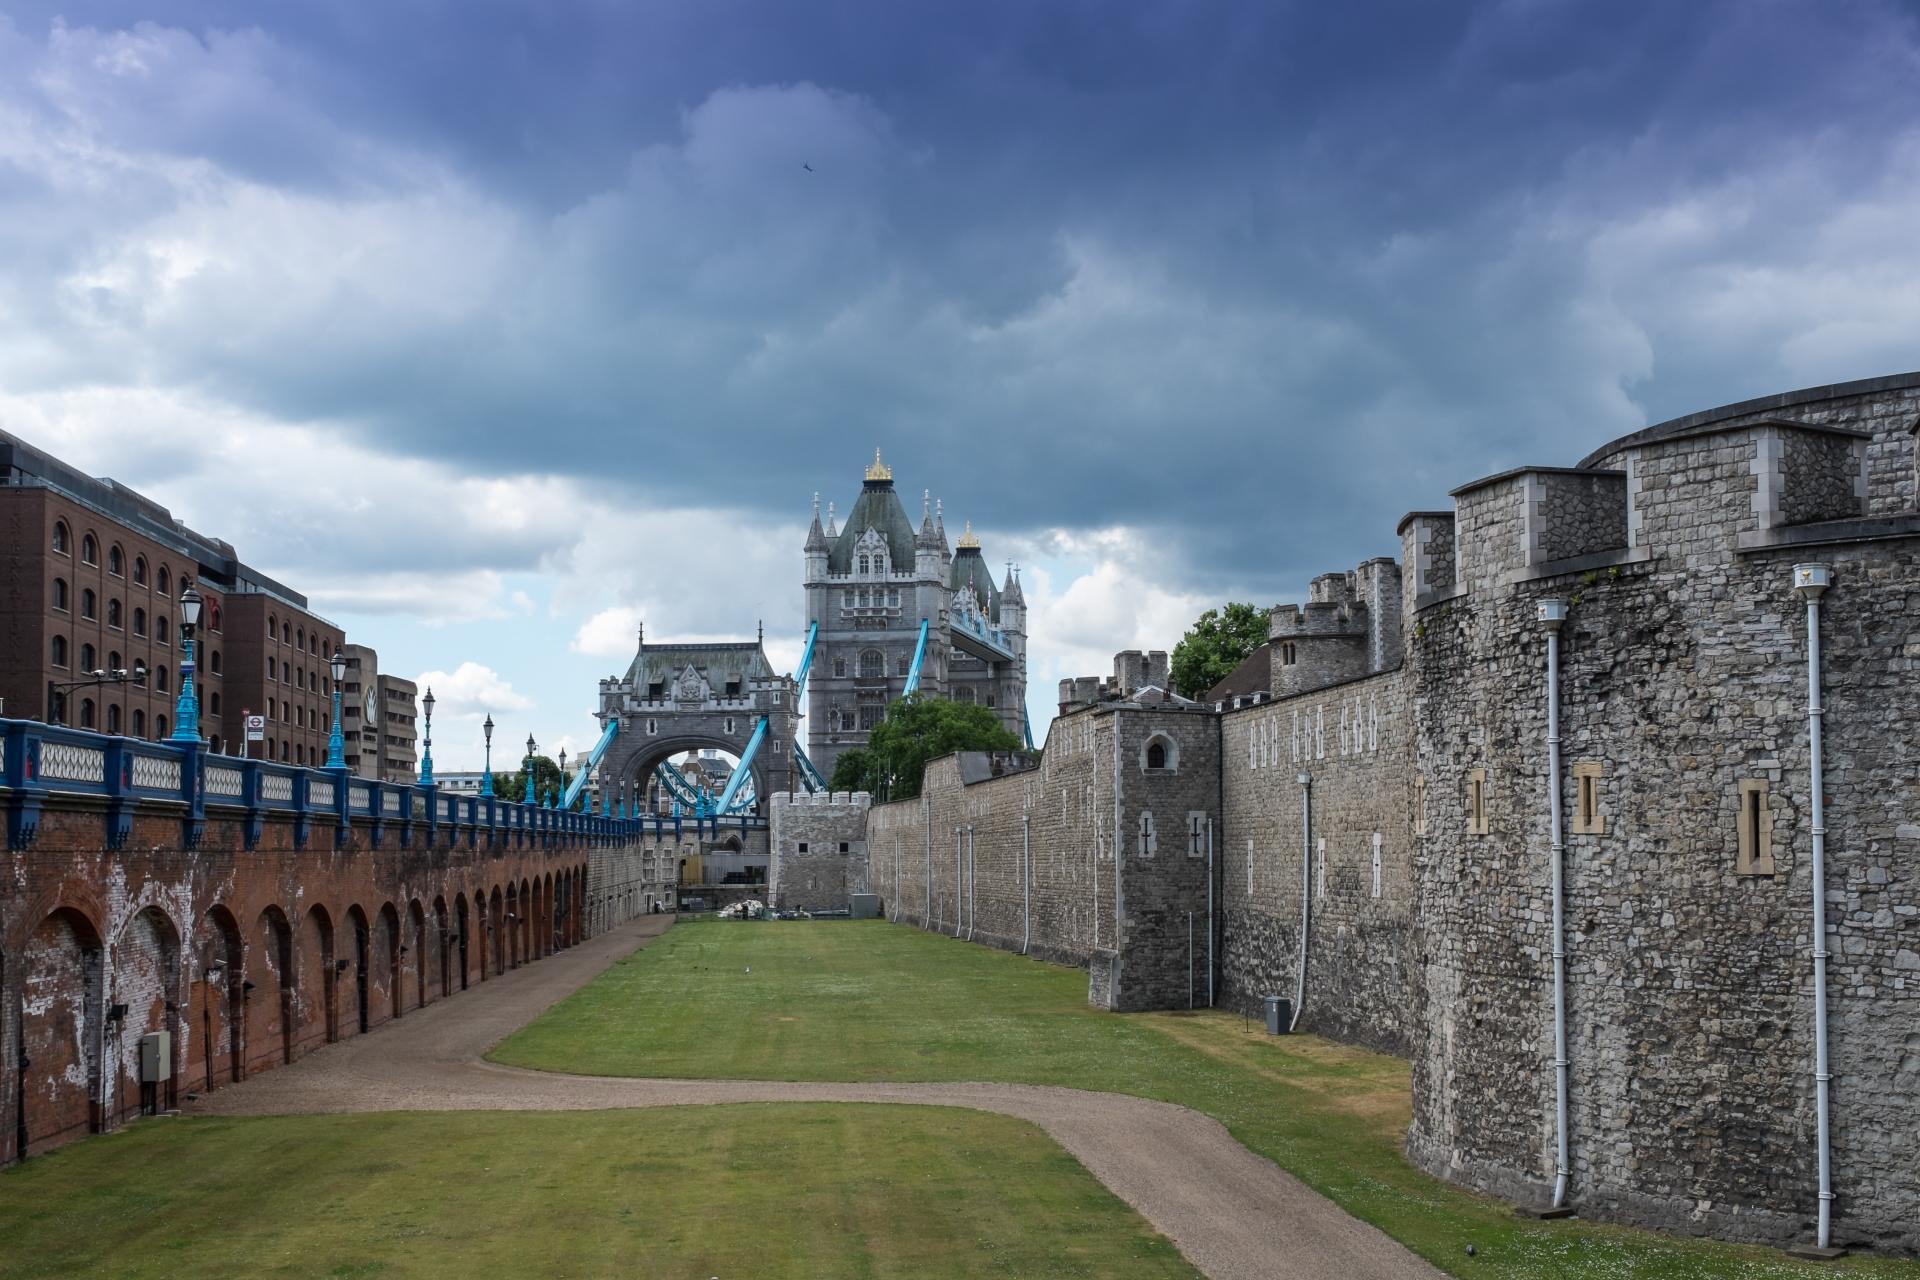 El Tower Bridge visto desde dentro de la Torre de Londres